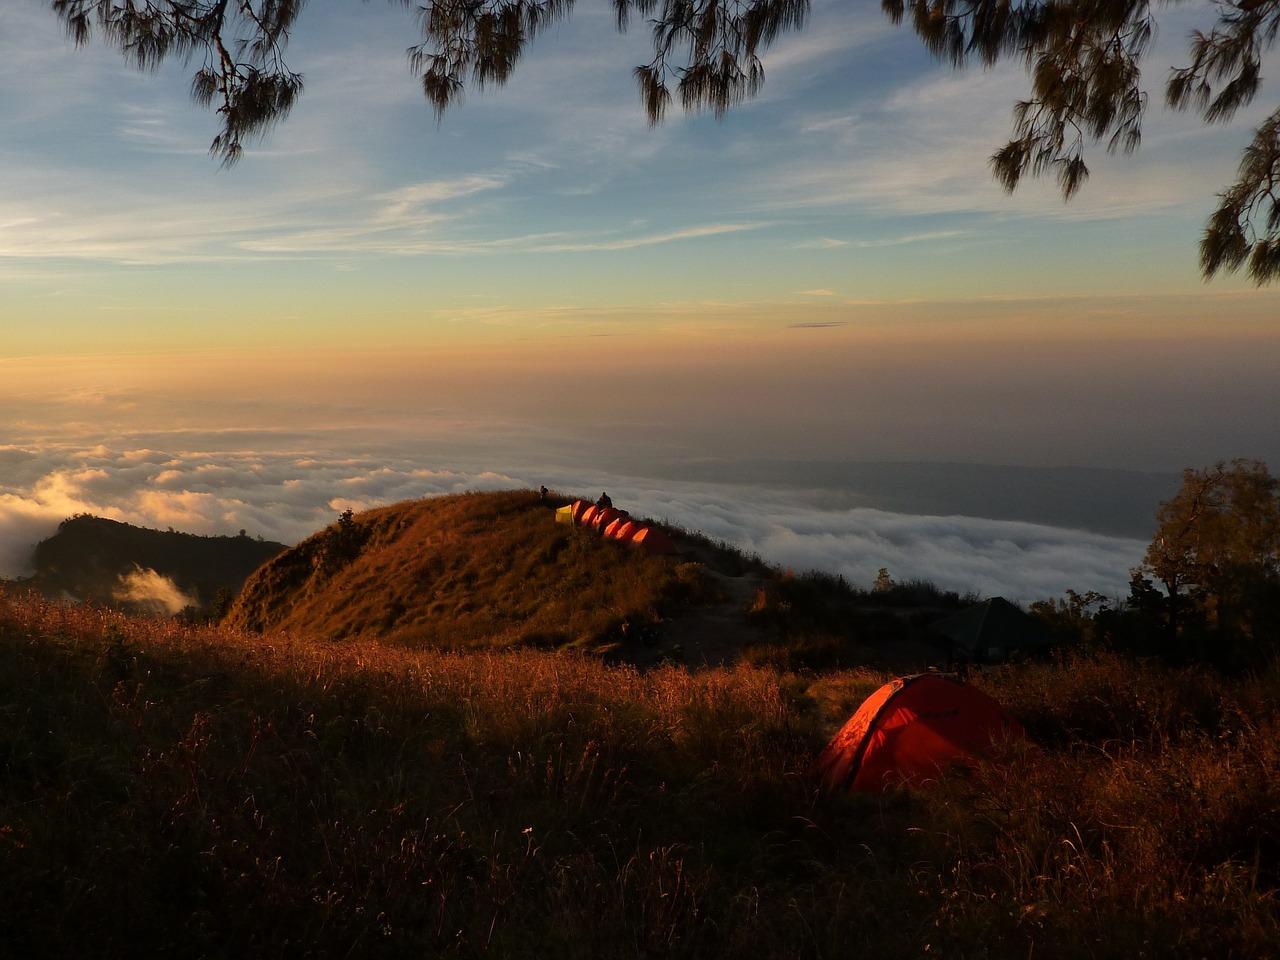 Namioty turystyczne – kiedy mogą Ci się przydać?